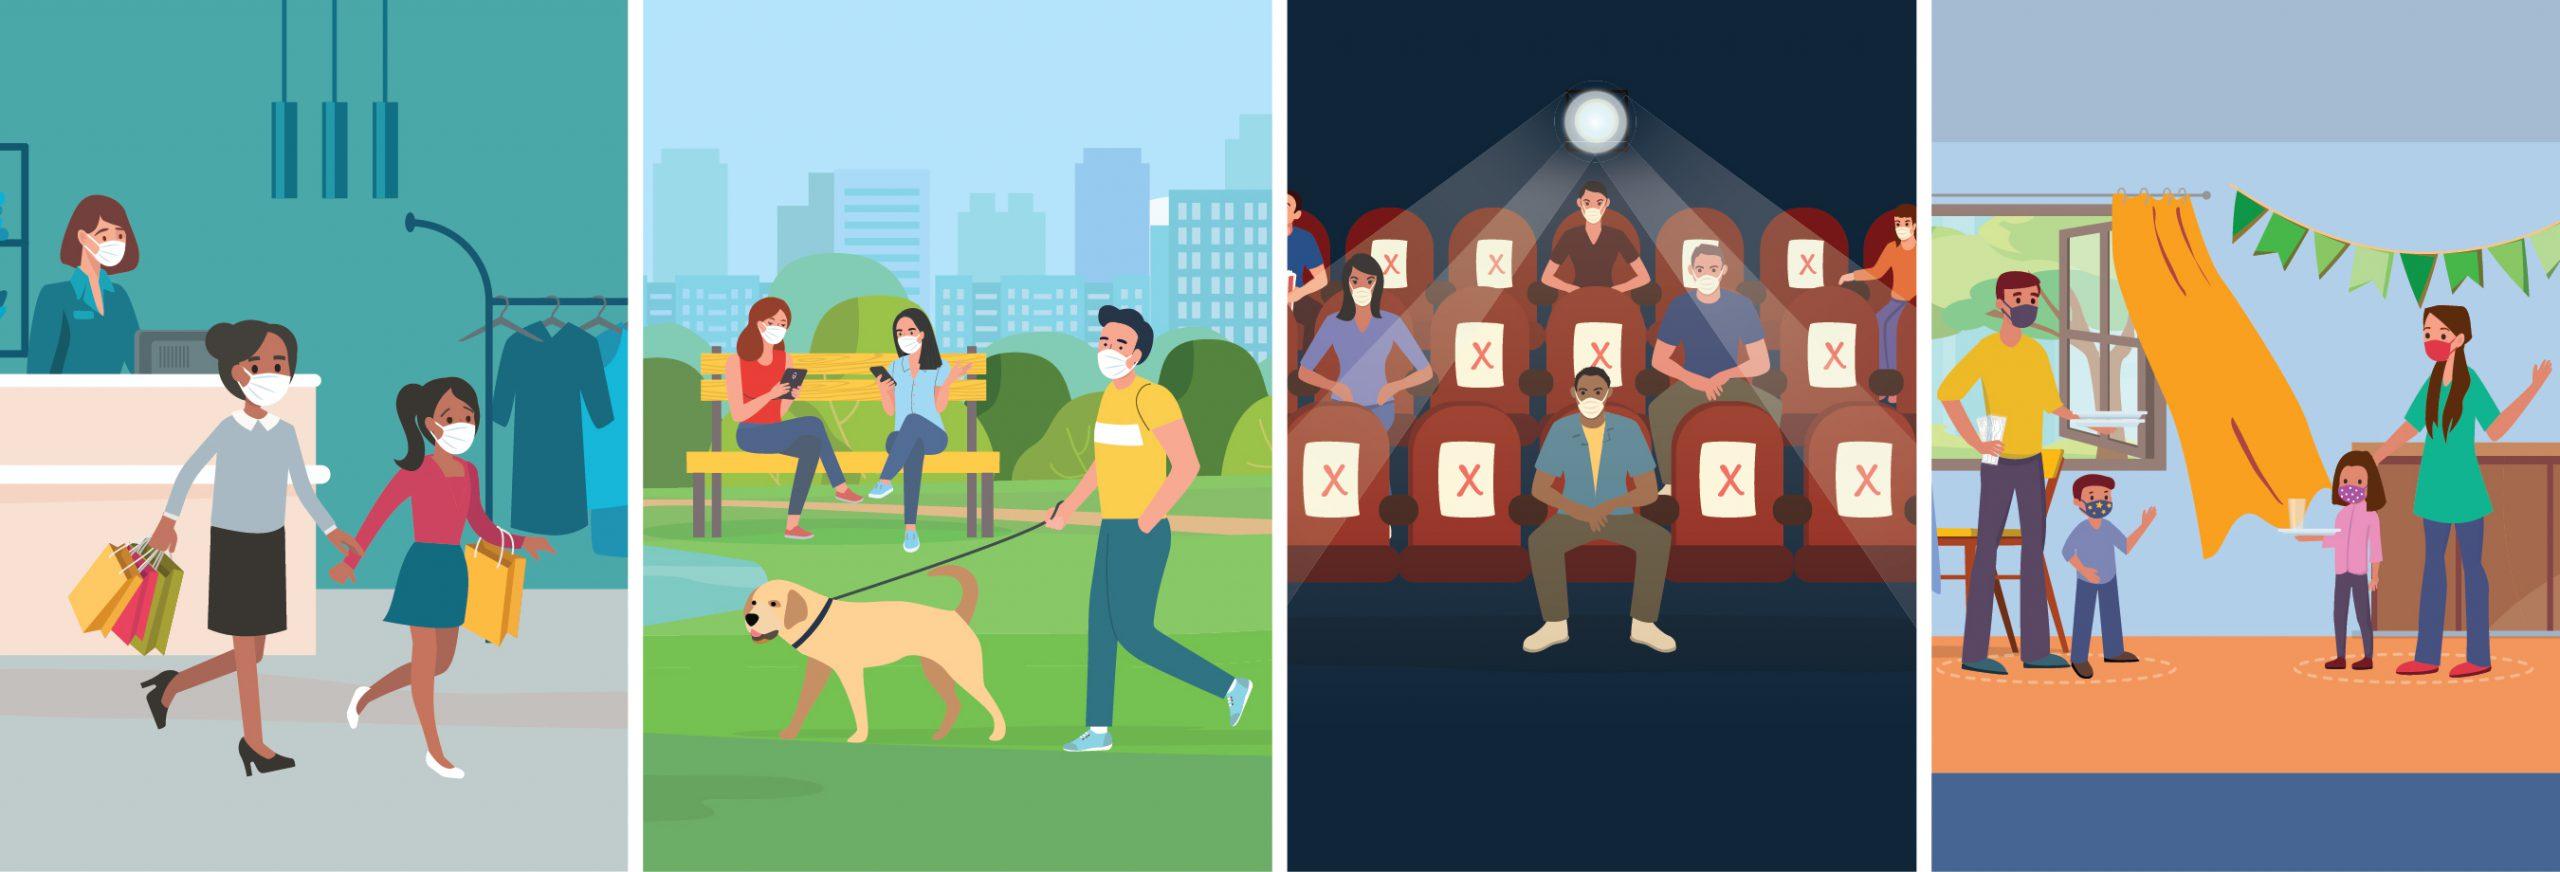 cuatro paneles que muestran personas comprando, en un parque, en un cine y durante una celebración en casa